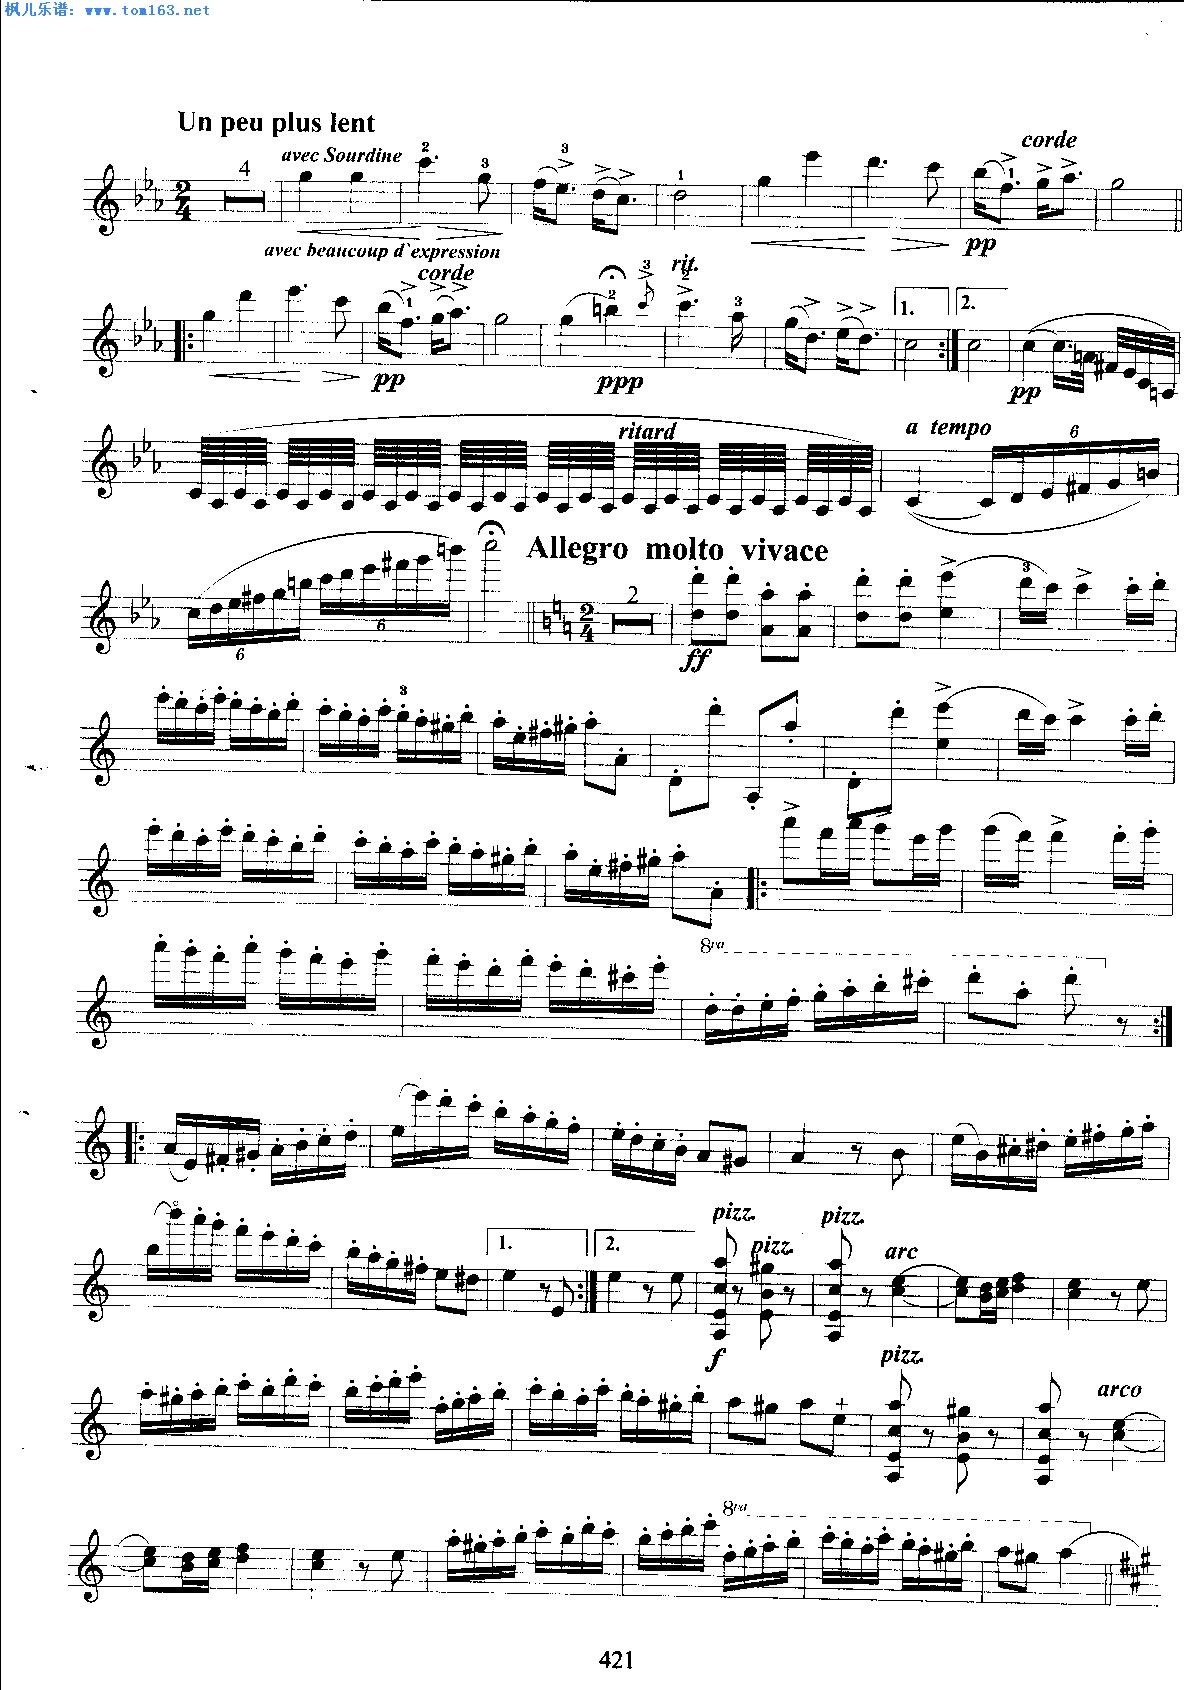 枫儿乐谱 乐谱库 乐器演奏乐谱 小提琴曲谱 >> 正文:流浪者之歌